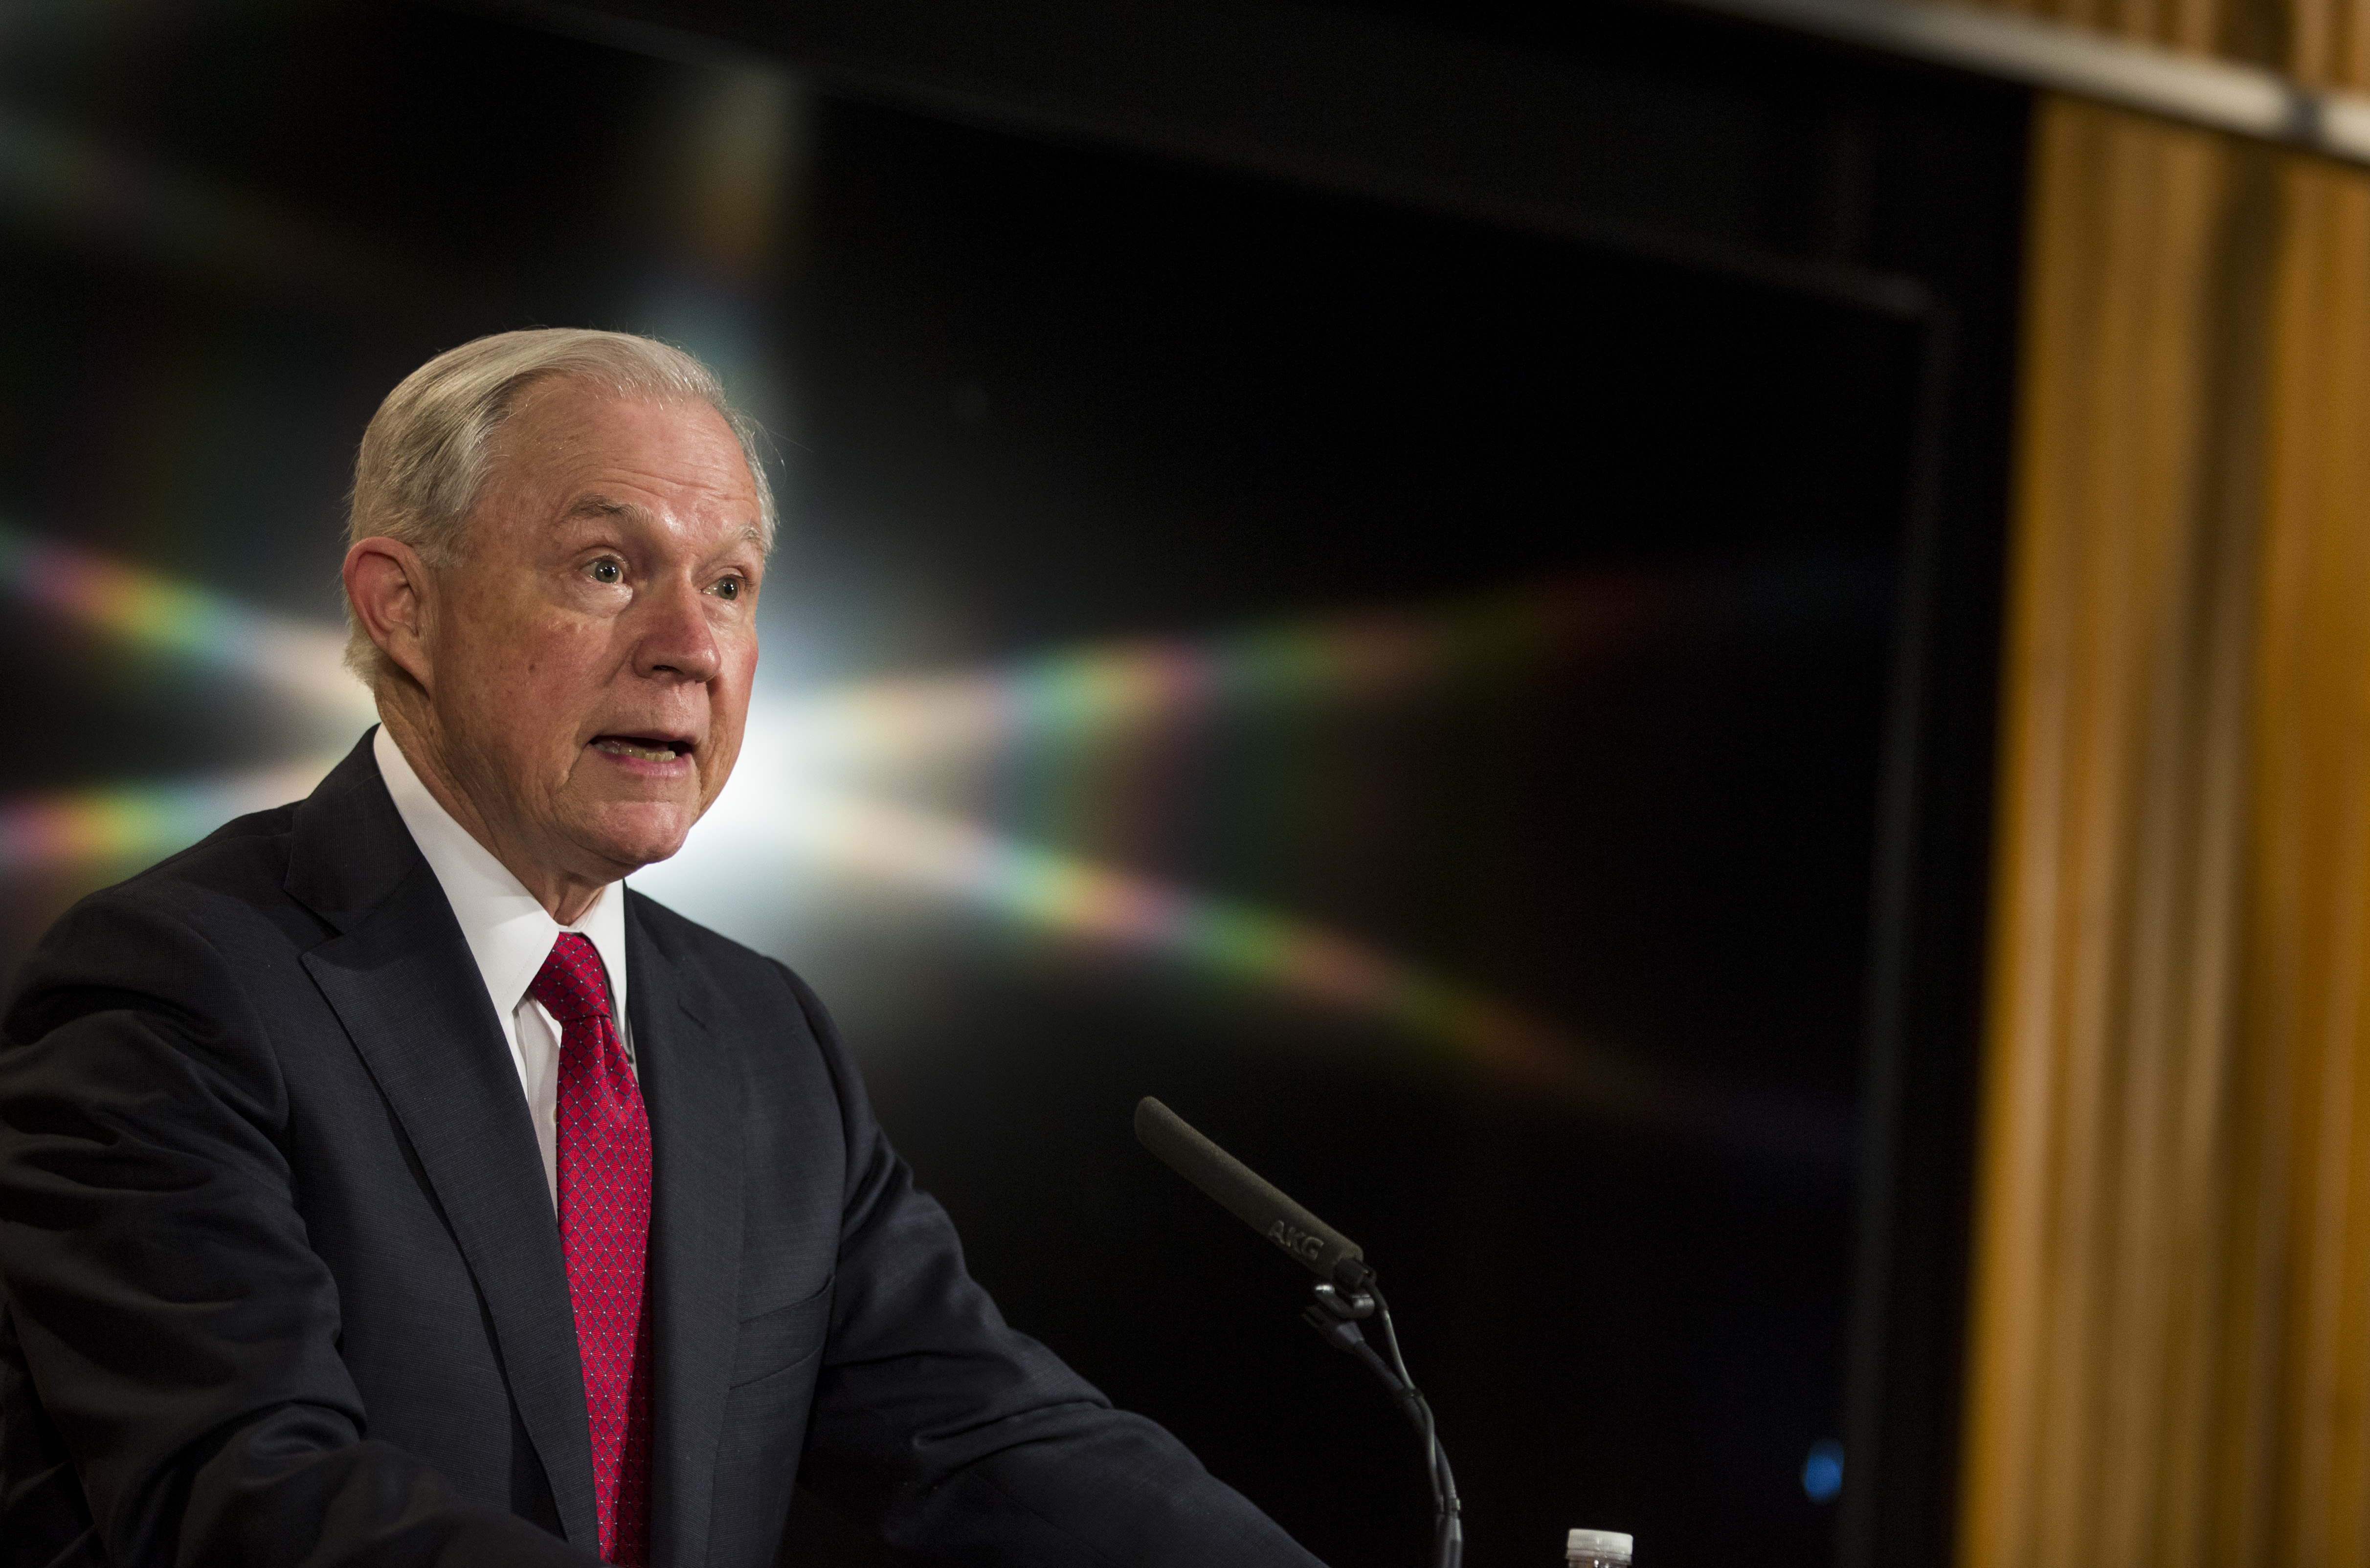 Az amerikai igazságügyi miniszter titokban találkozgatott az orosz nagykövettel